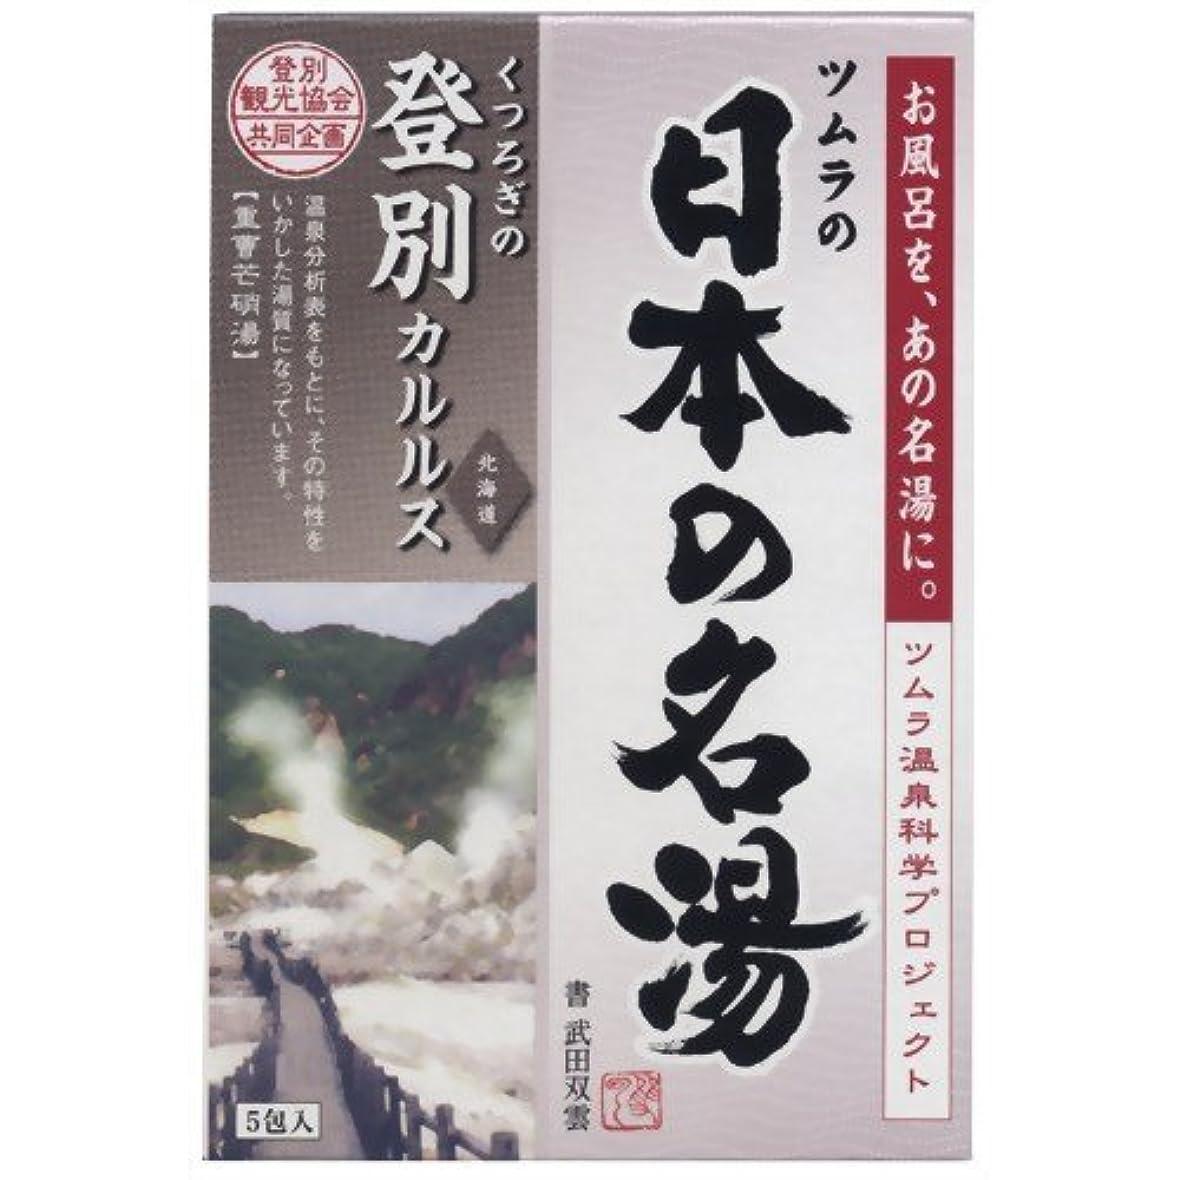 まあ製作お日本の名湯 登別カルルス30g 5包入り にごりタイプ 入浴剤 (医薬部外品) × 10個セット